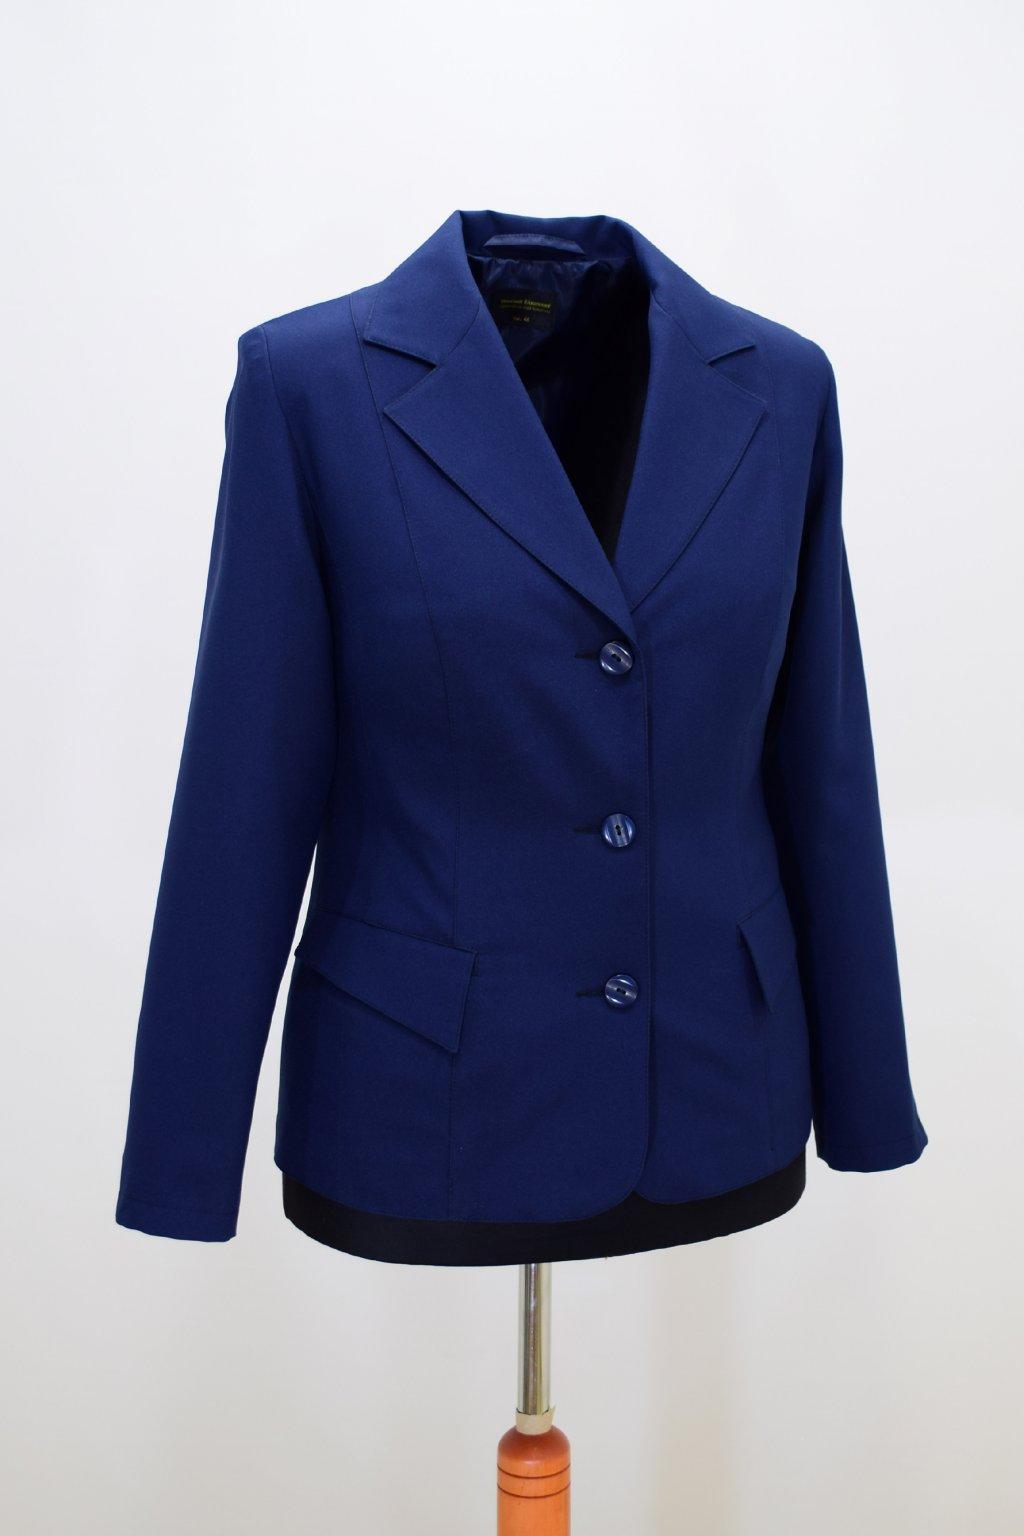 Dámské tmavě modré sako Manon.